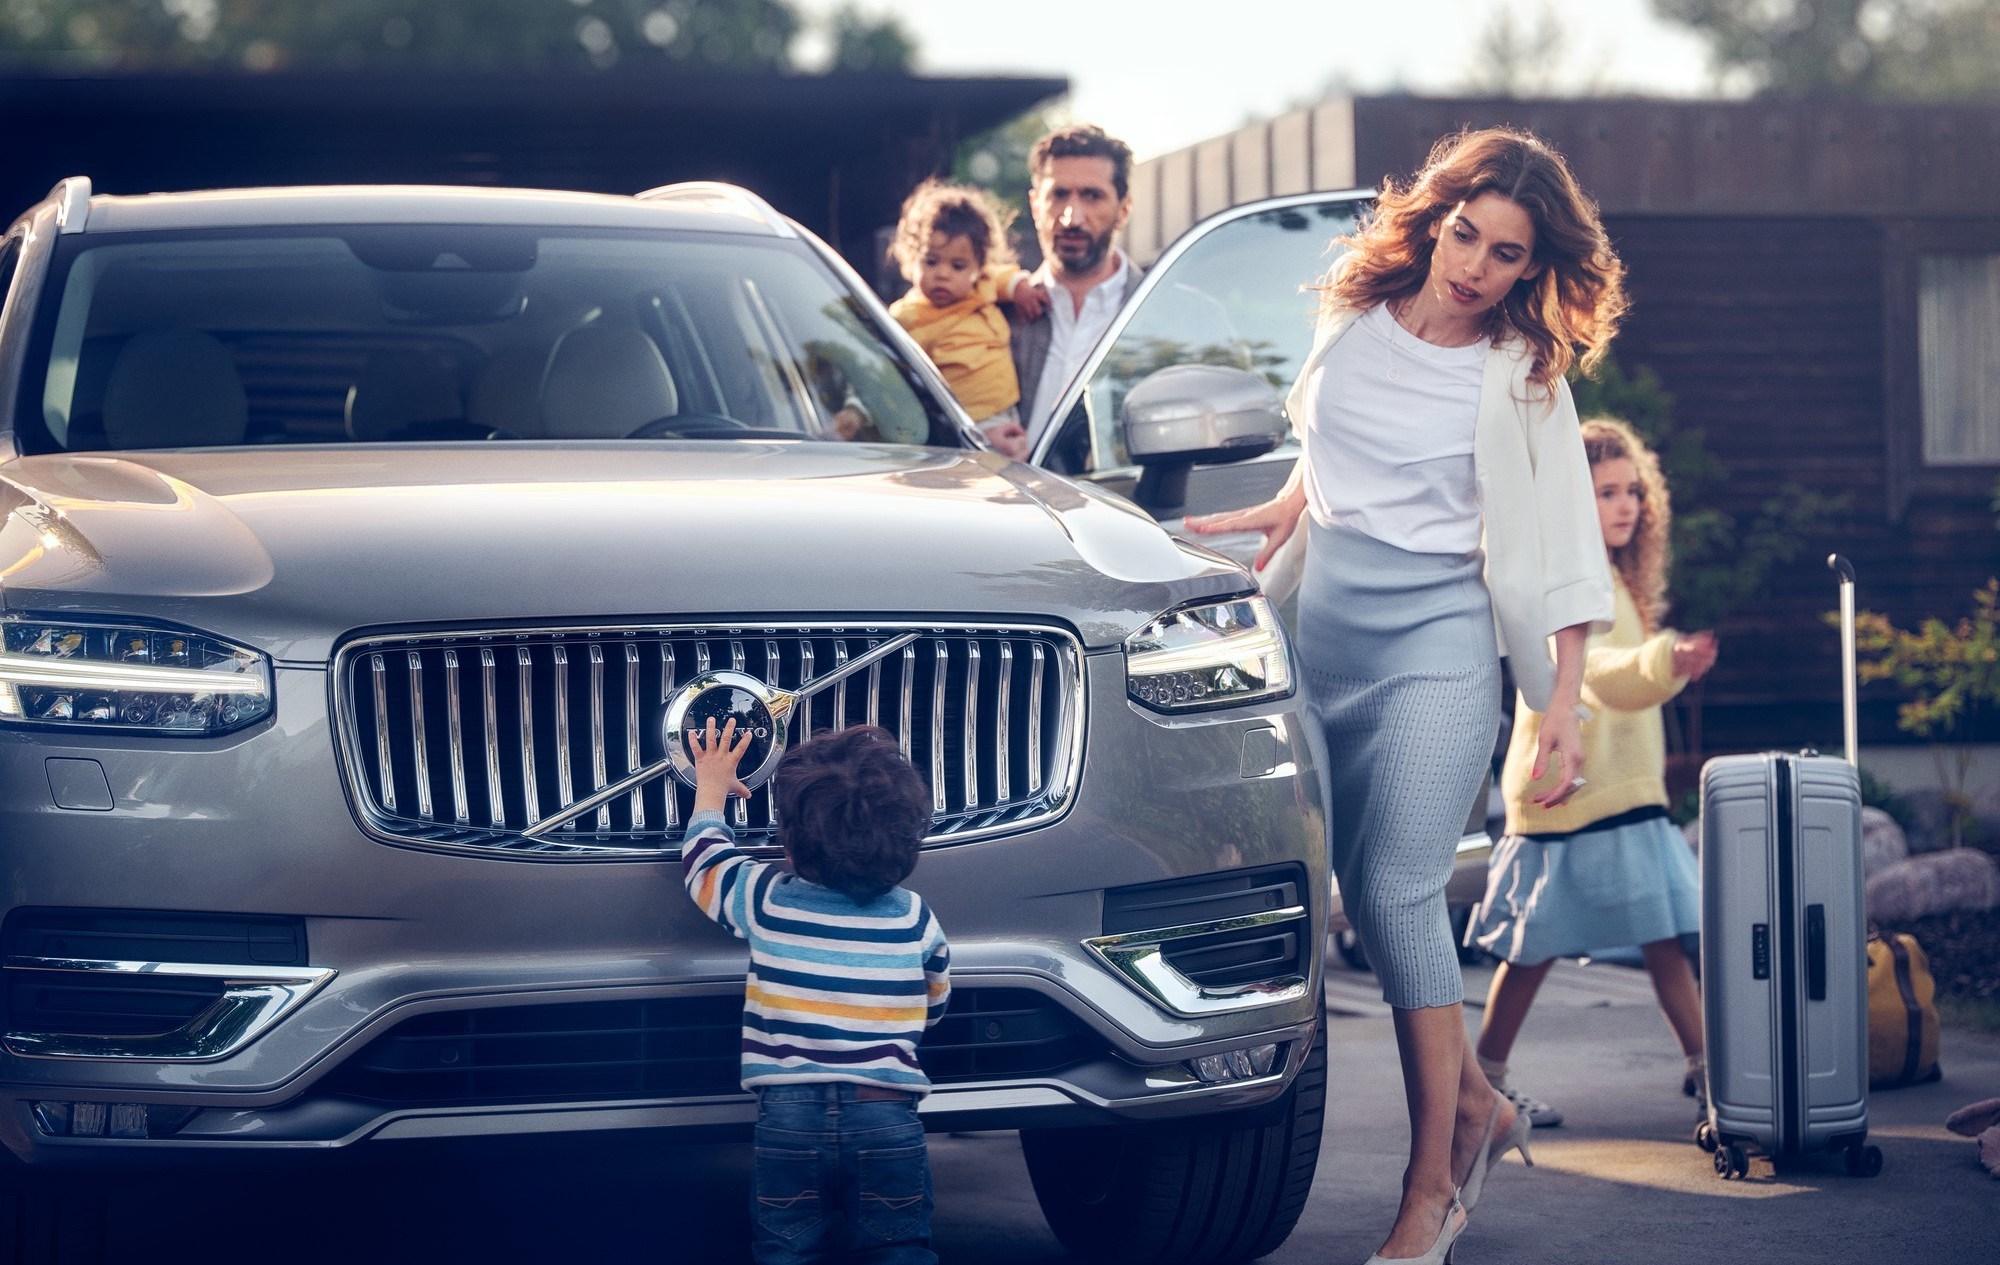 天富招商主管Q958337沃尔沃汽车、优步等多家企业呼吁欧盟在2035年之前停售燃油汽车